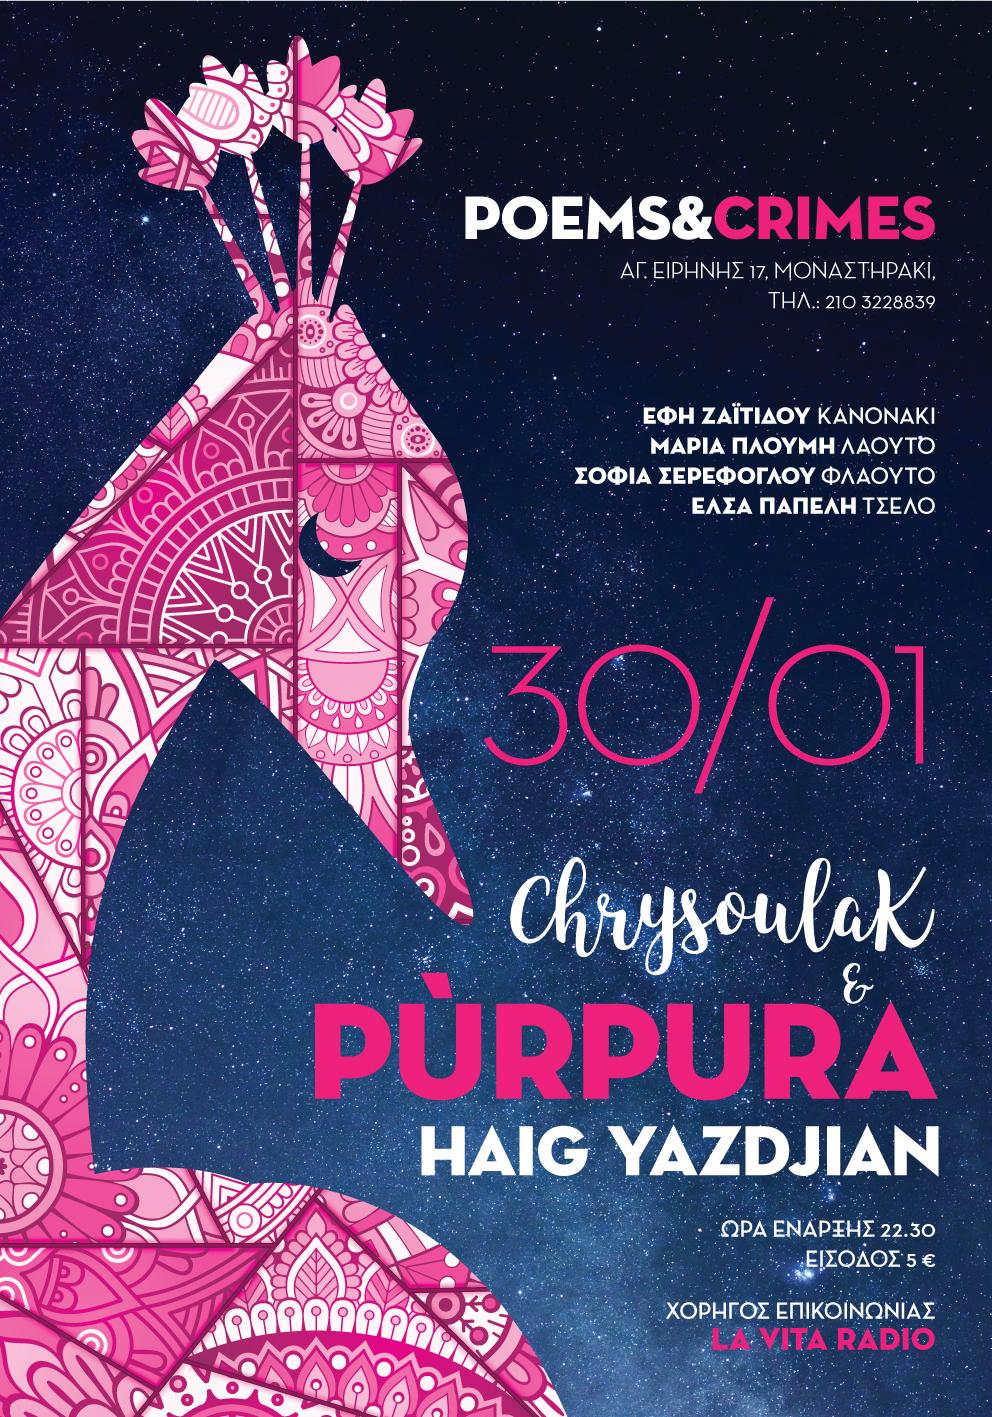 PosterPurpura2017Final